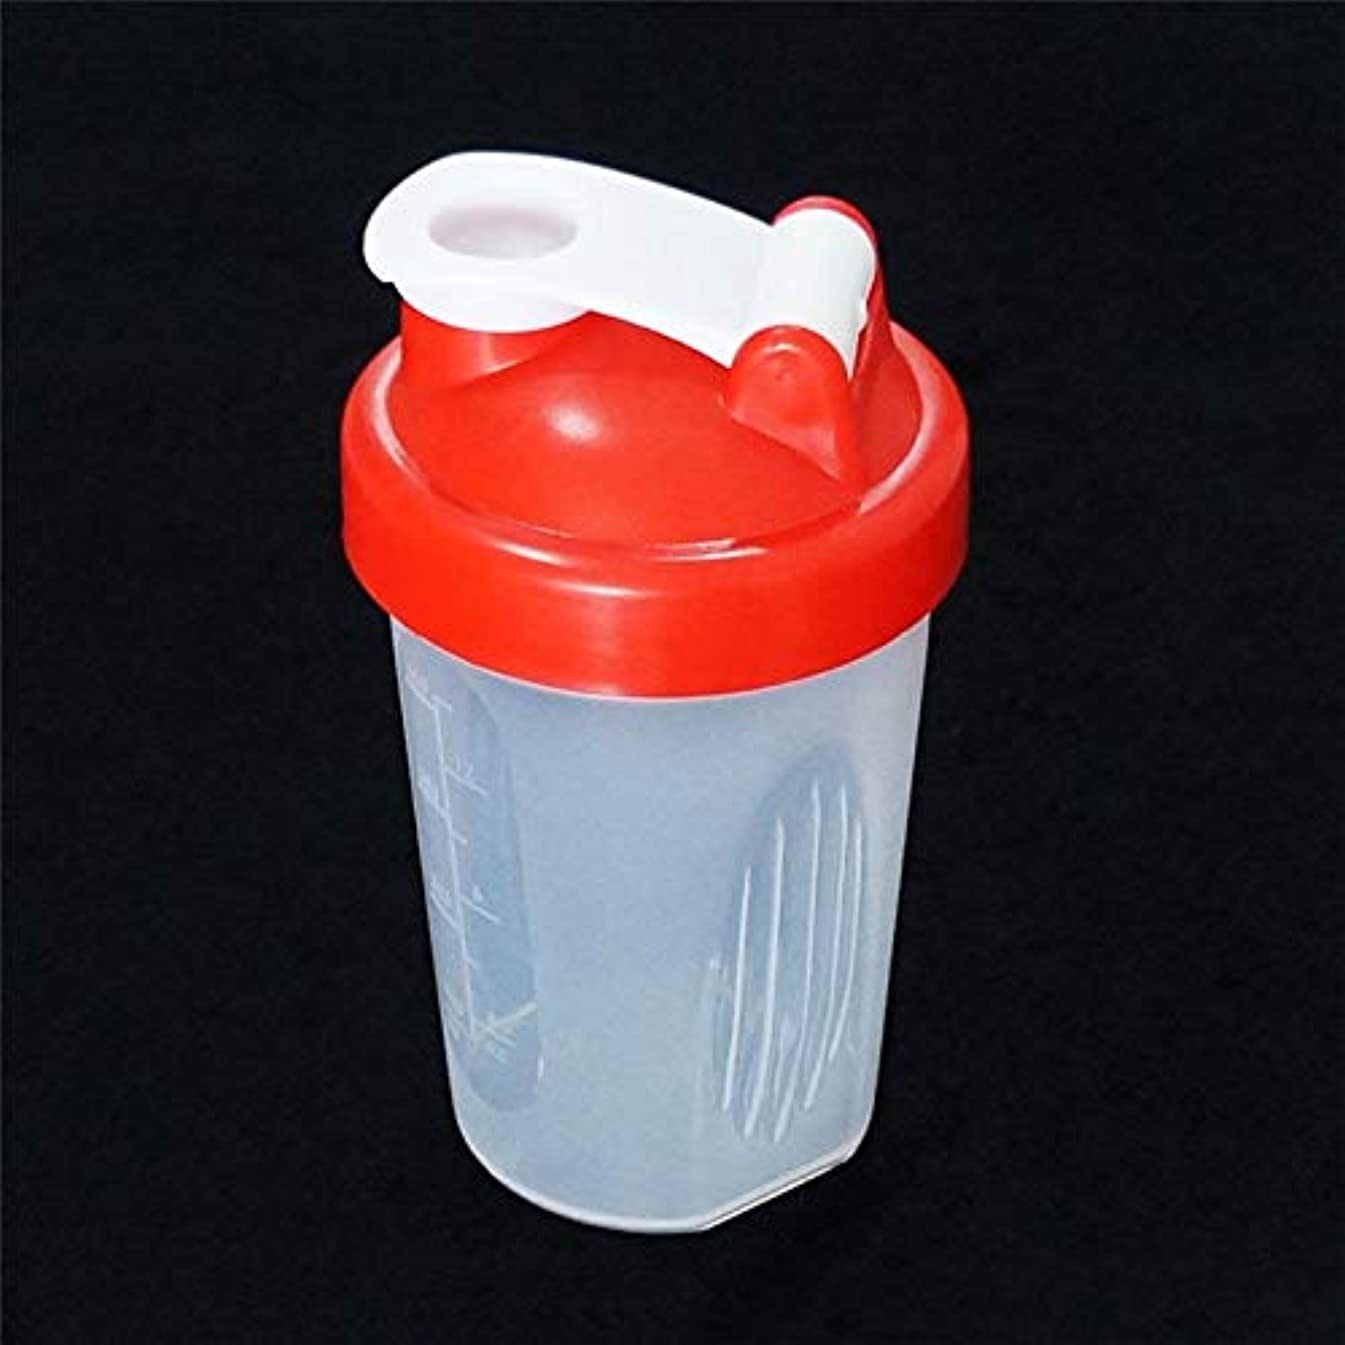 含む魔術師スパンMaxcrestas - 400ML Plastic Shake Cups Drink Creative Large Capacity Free Shake Blender Shaker Mixer Cups Drink Whisk Ball Bottle New Arrivals